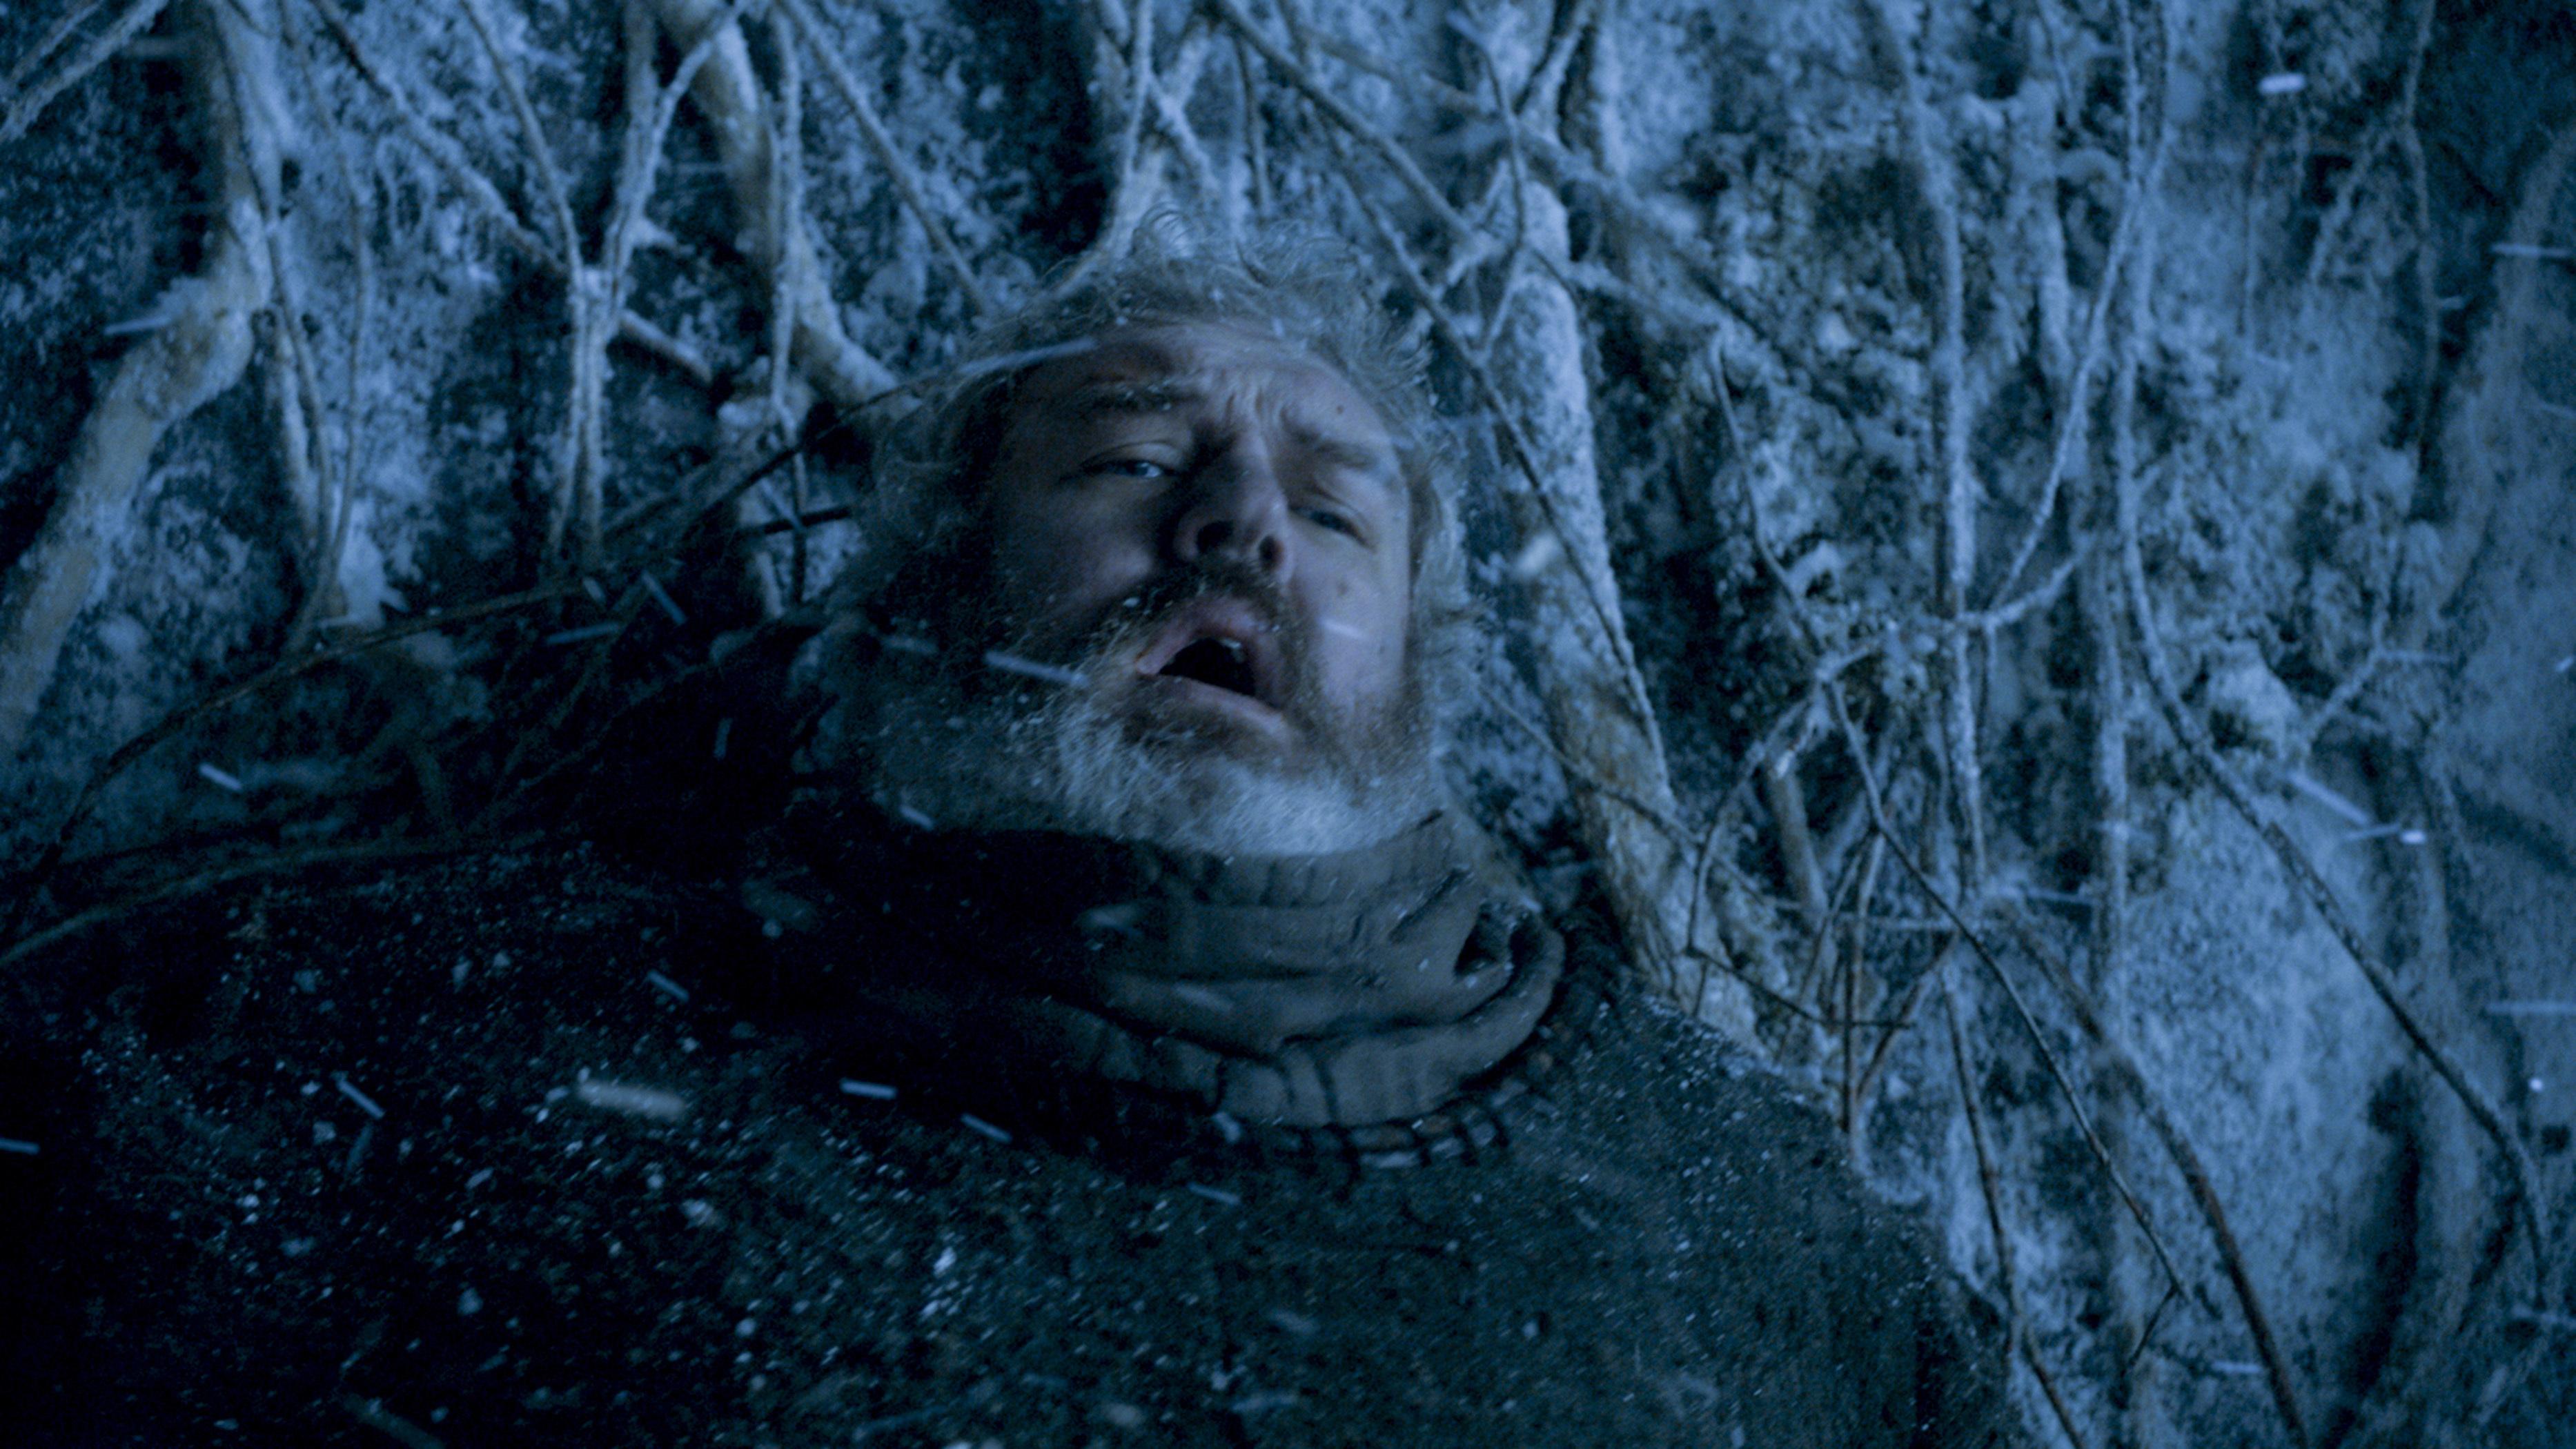 Kristian Nairn in Game of Thrones (2011)